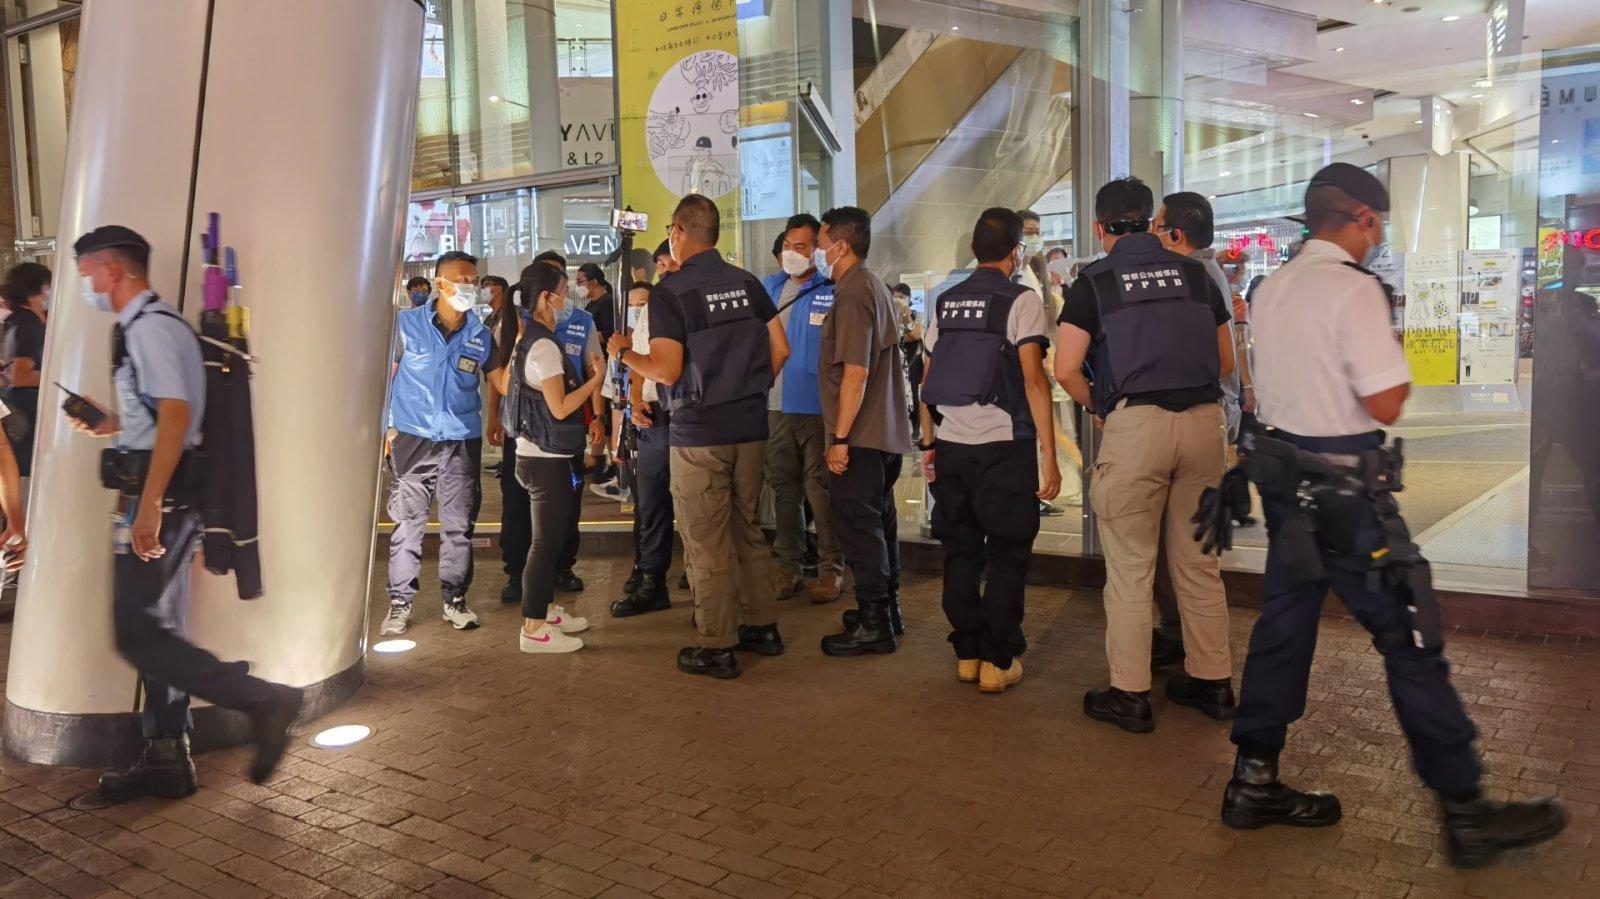 警旺角截查可疑人士 黑衣男涉行為不檢被捕